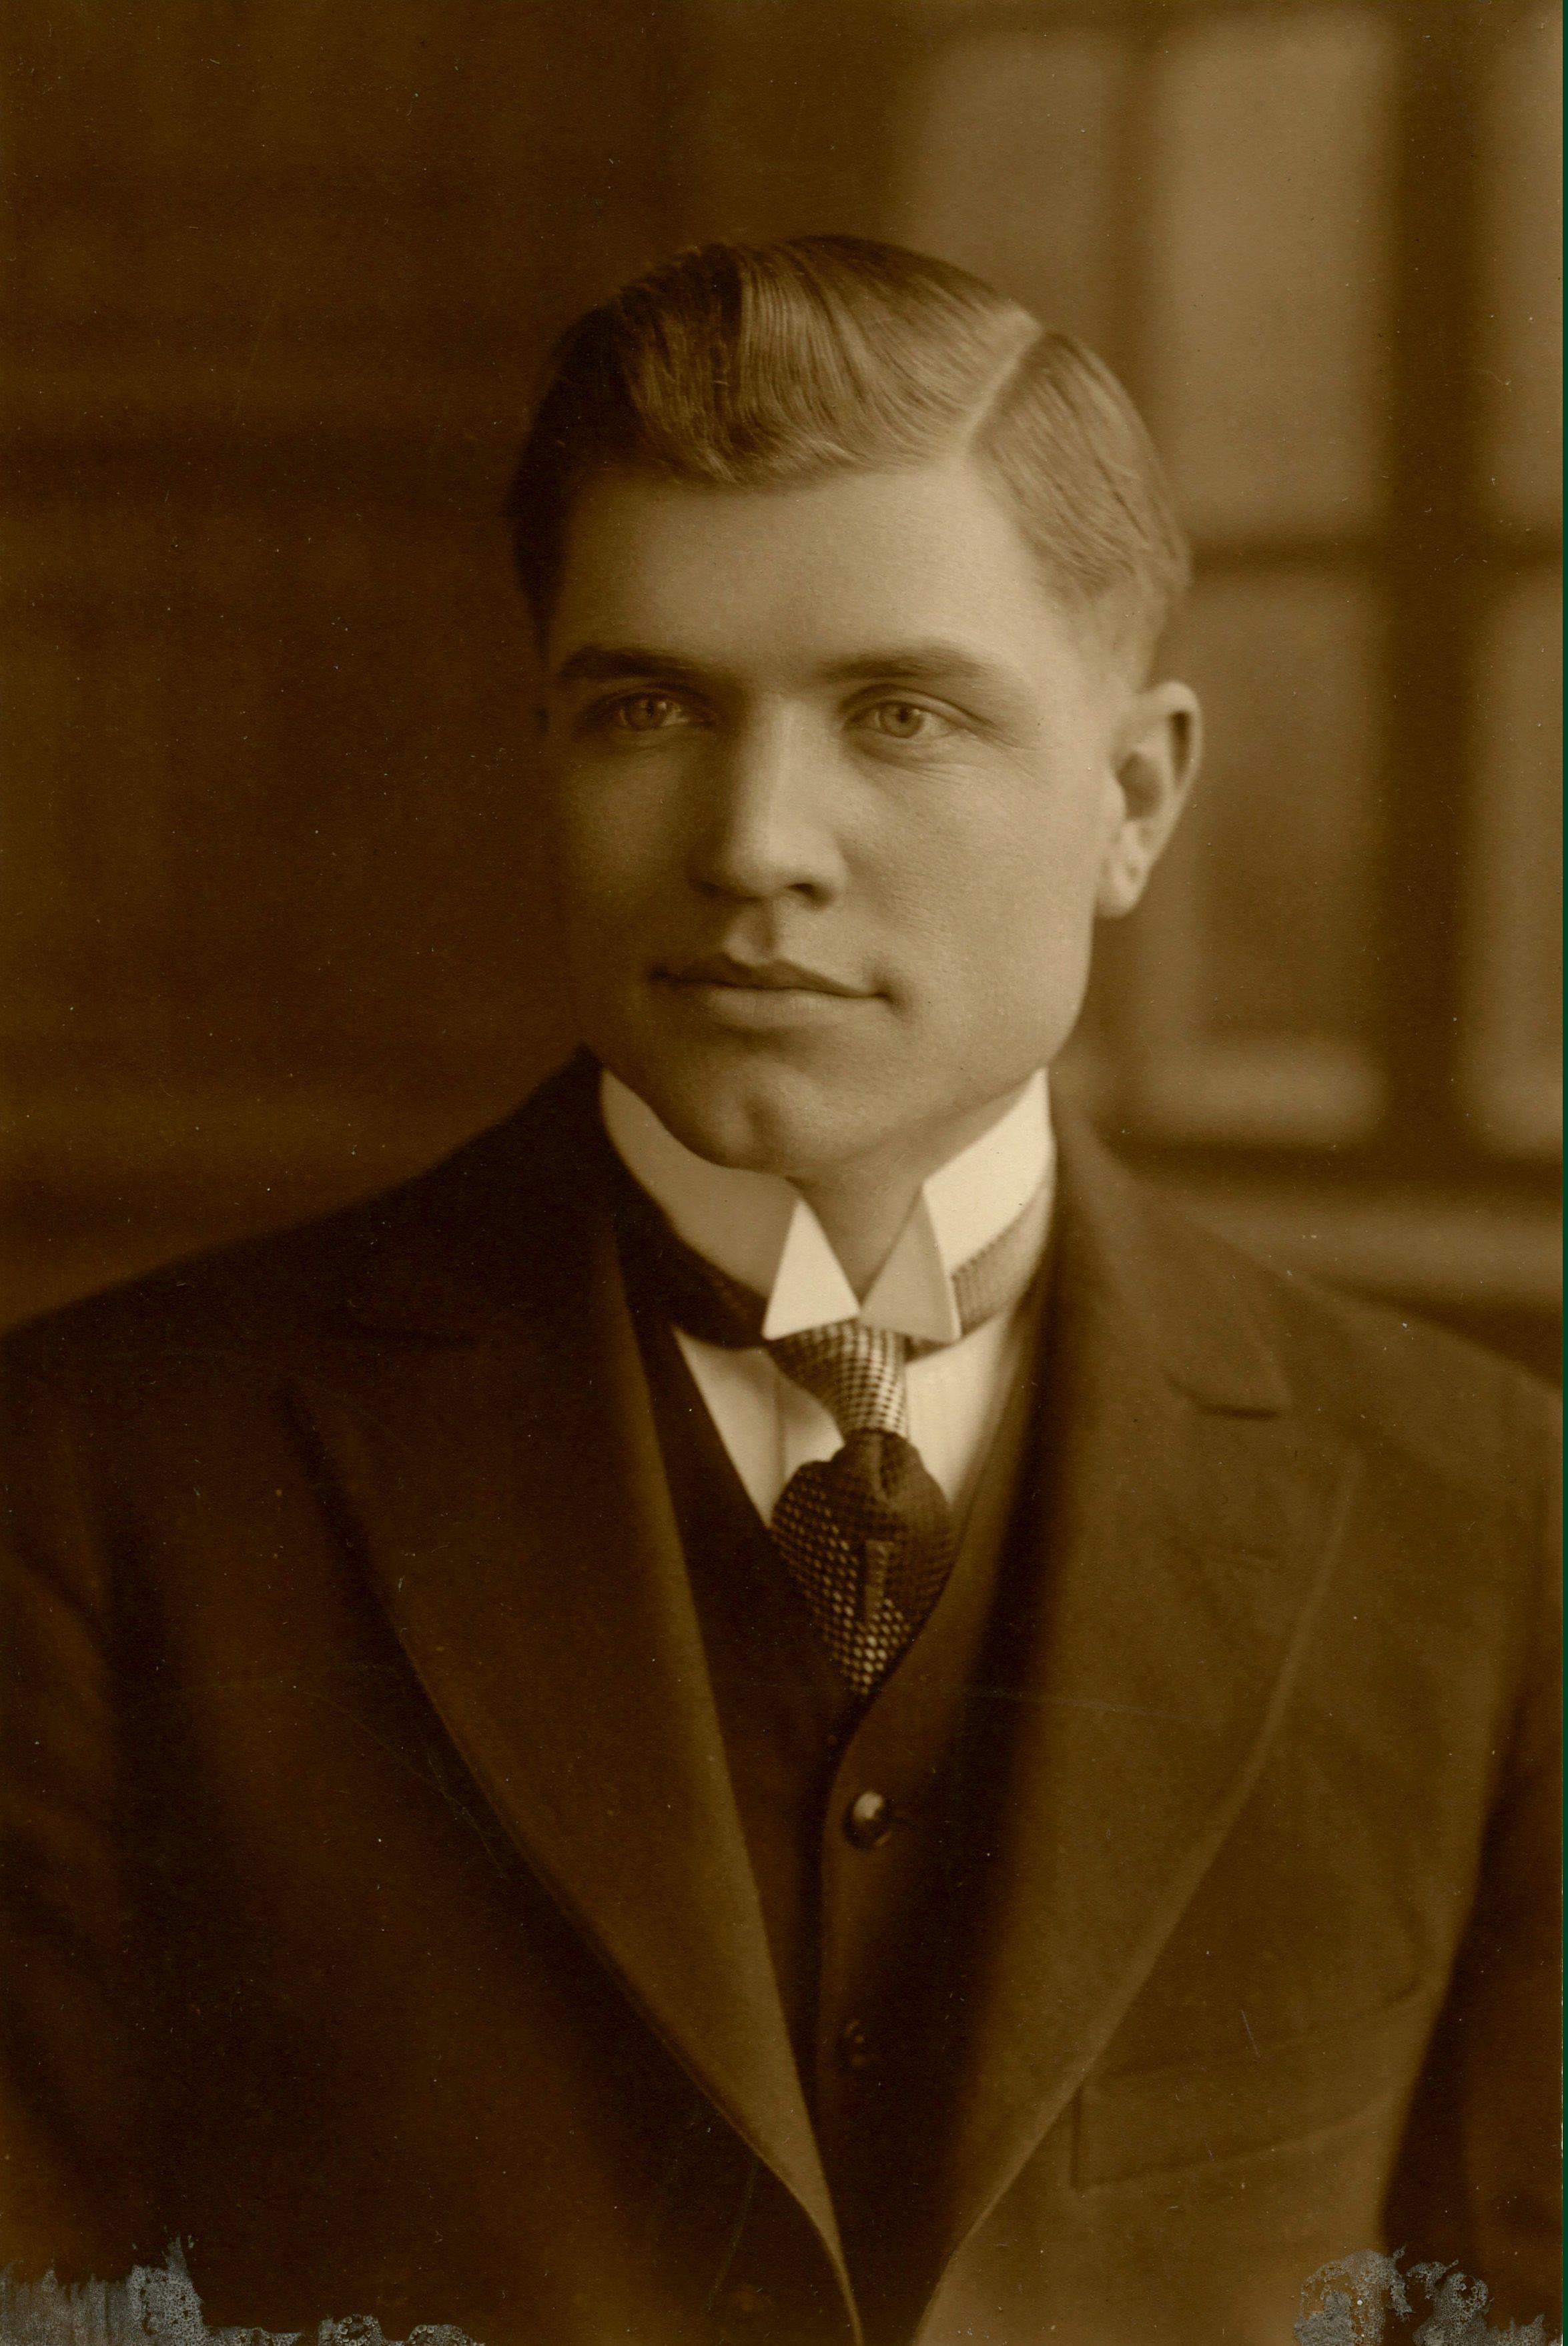 Dr. Merton O. Arnold